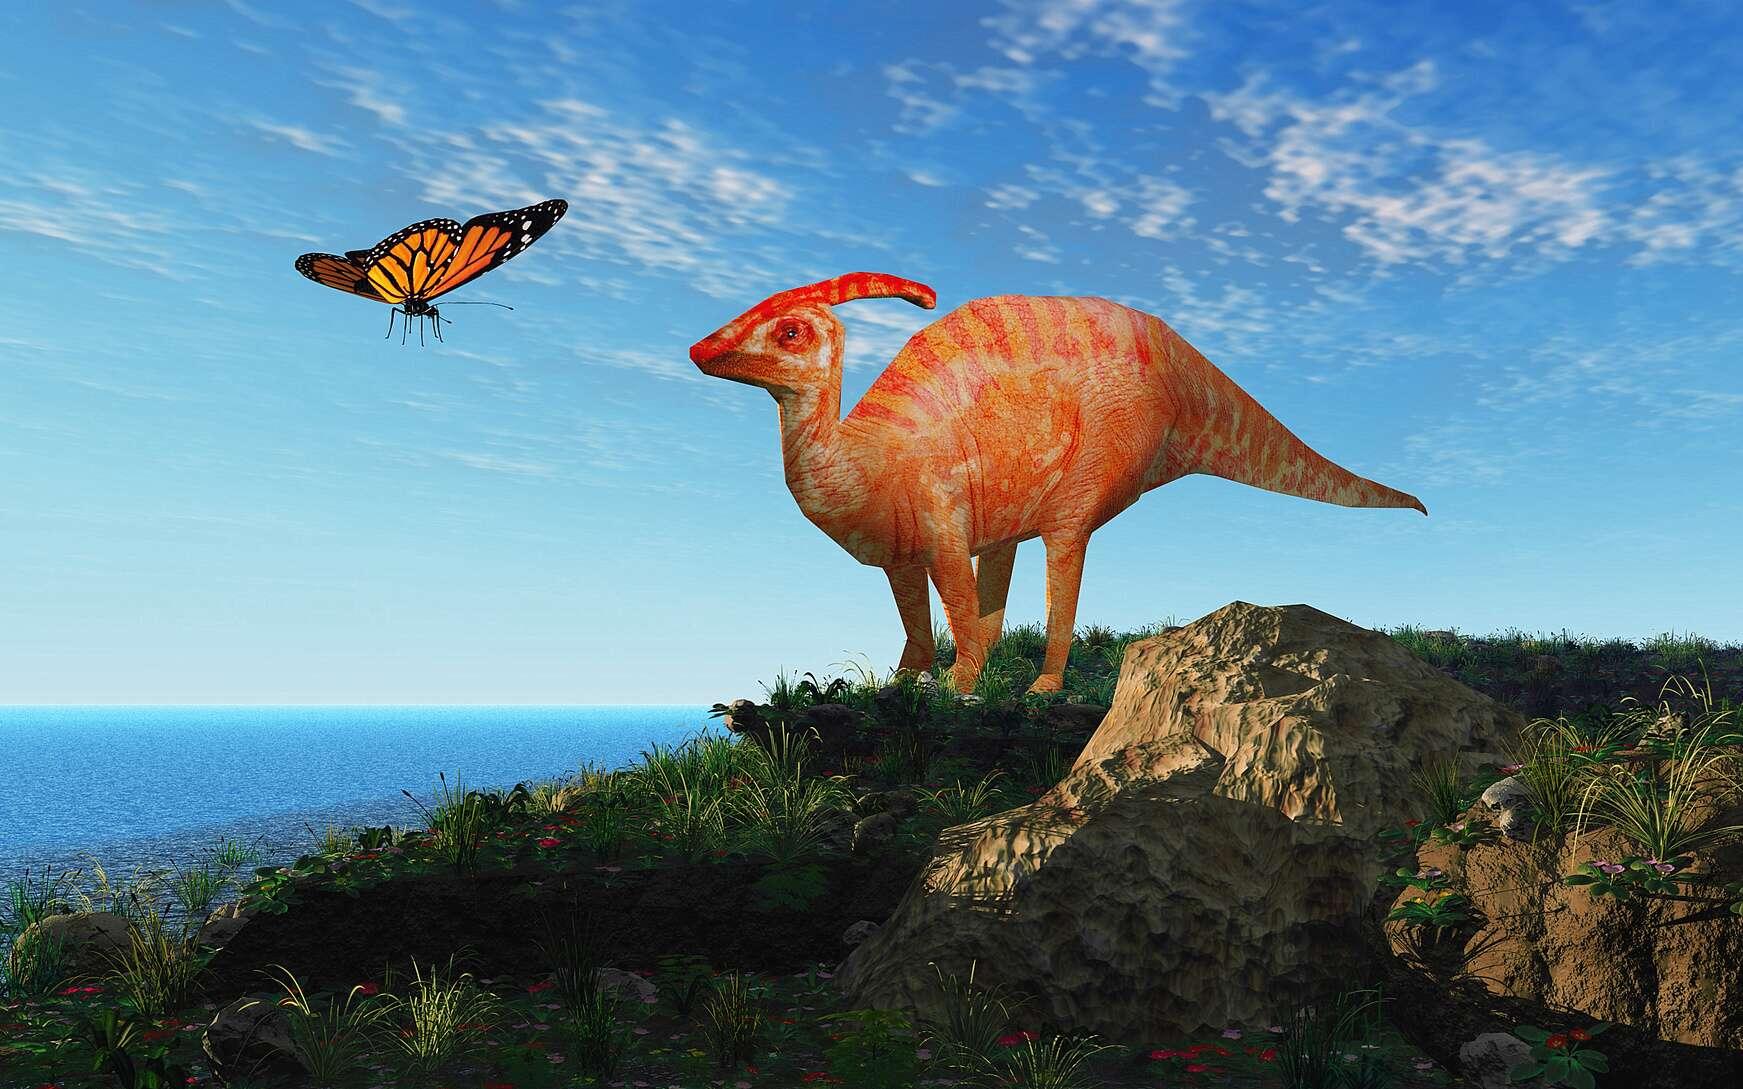 Vue d'artiste d'un hadrosaure, cette famille de grands dinosaures à bec de canard. © Erica Guilane-Nachez, Fotolia